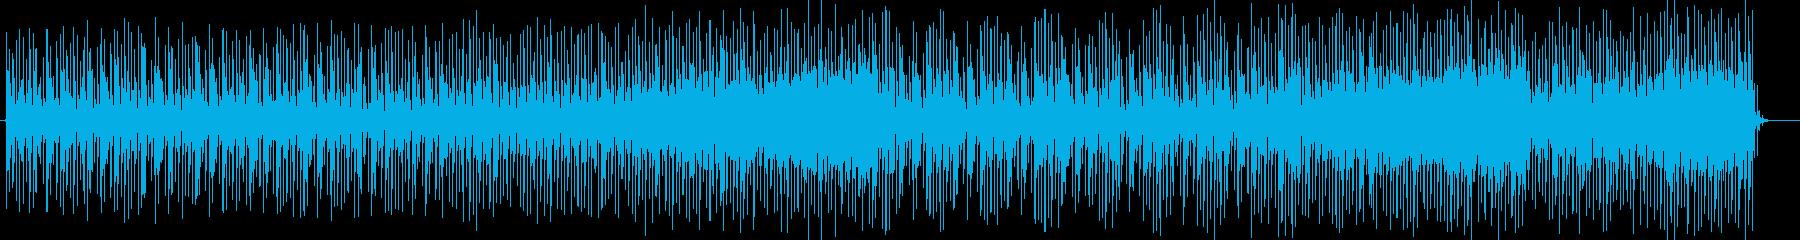 おしゃれでミステリアスなシンセサウンドの再生済みの波形